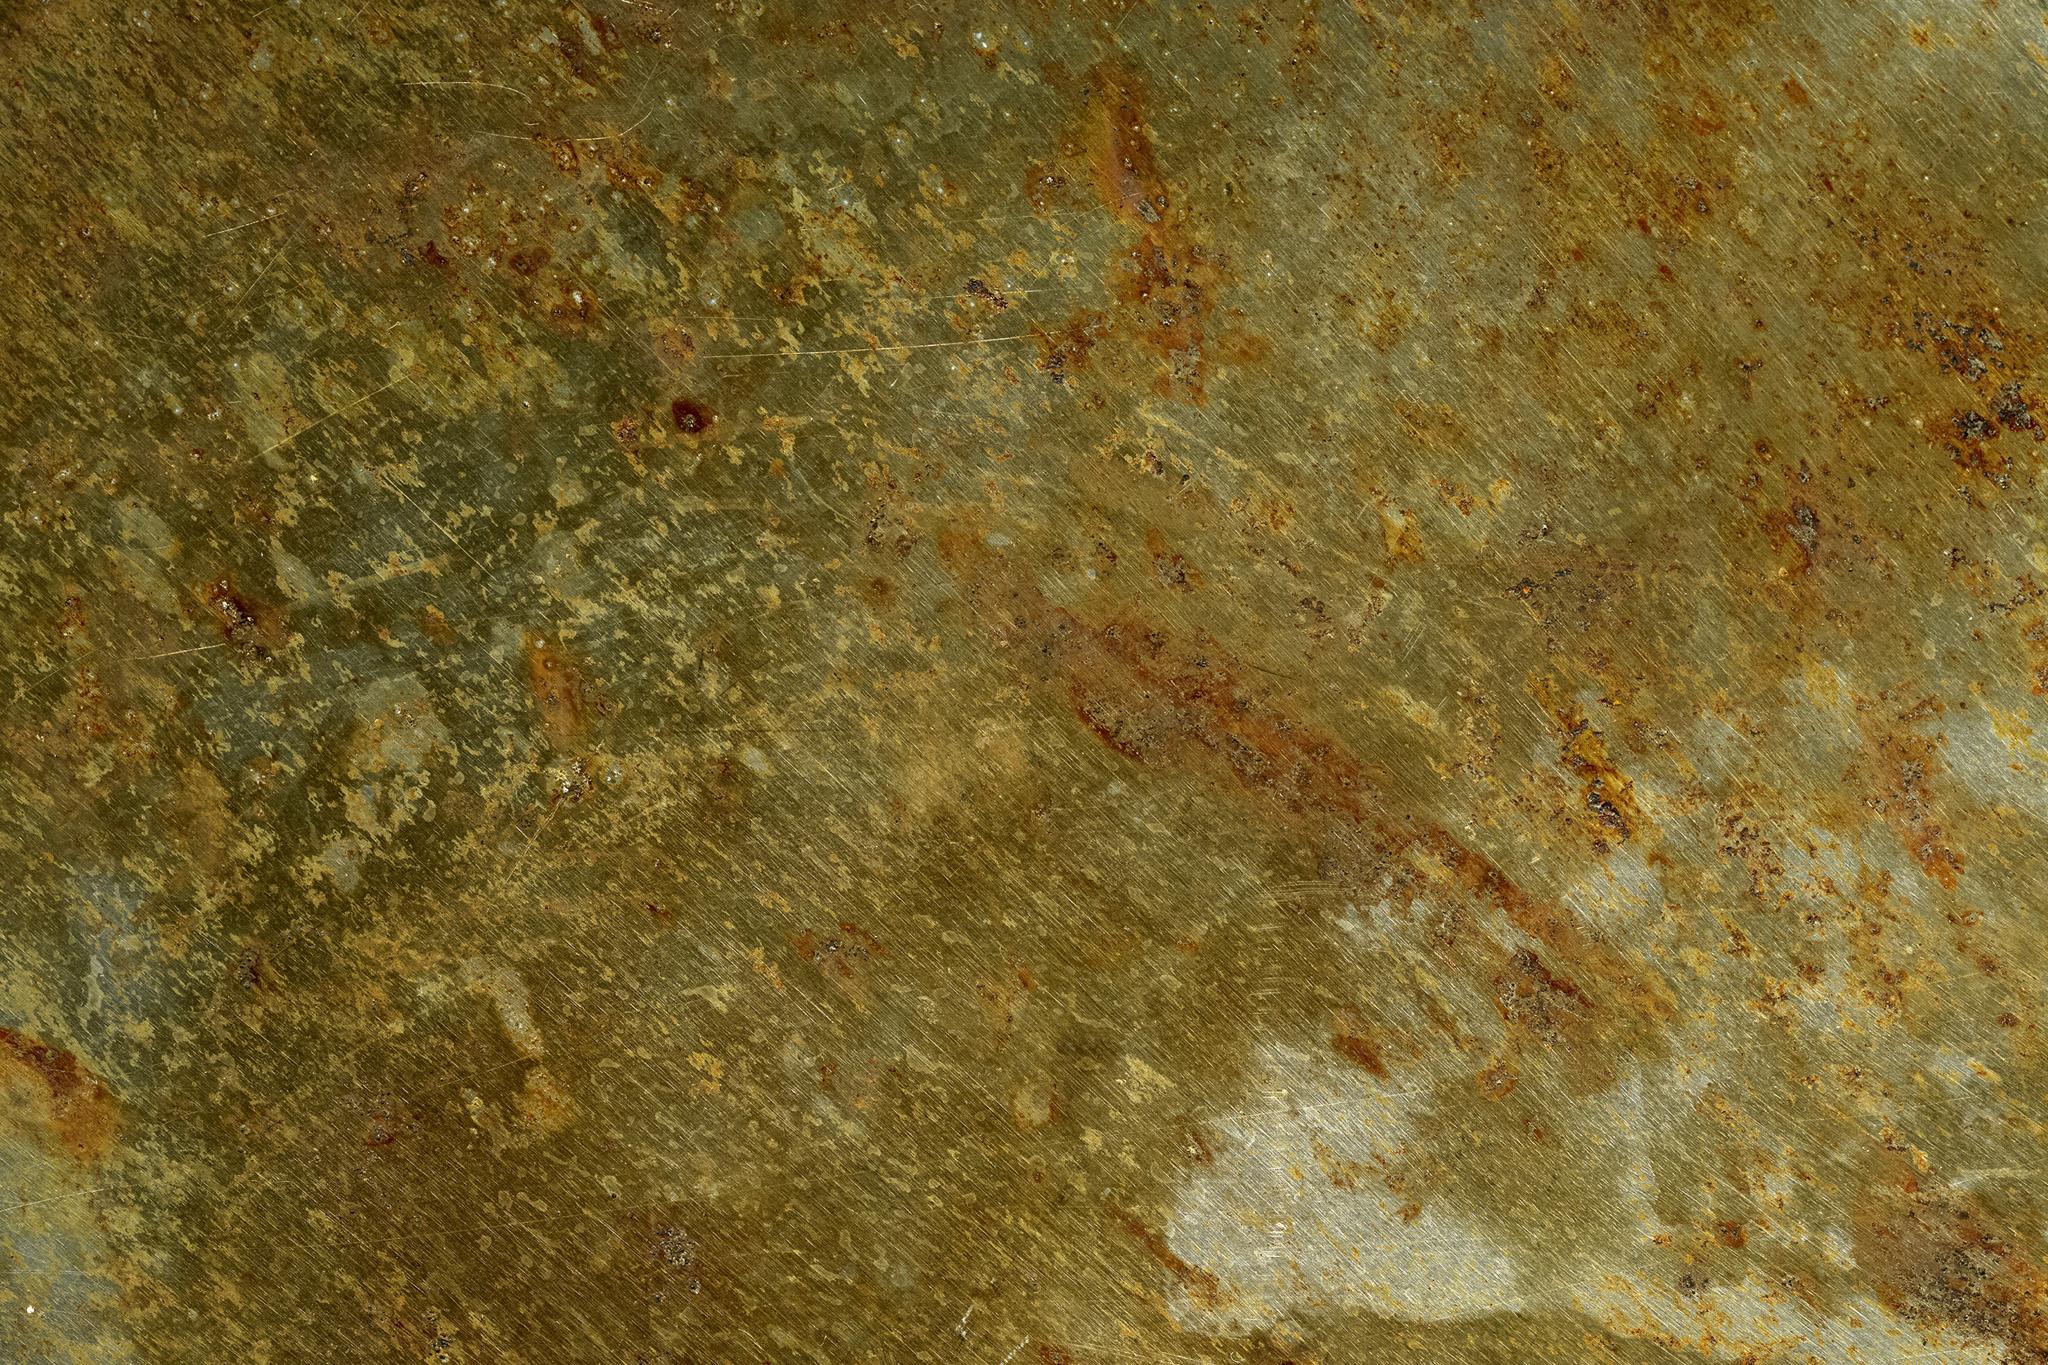 「錆て腐食した金属」の背景を無料ダウンロード